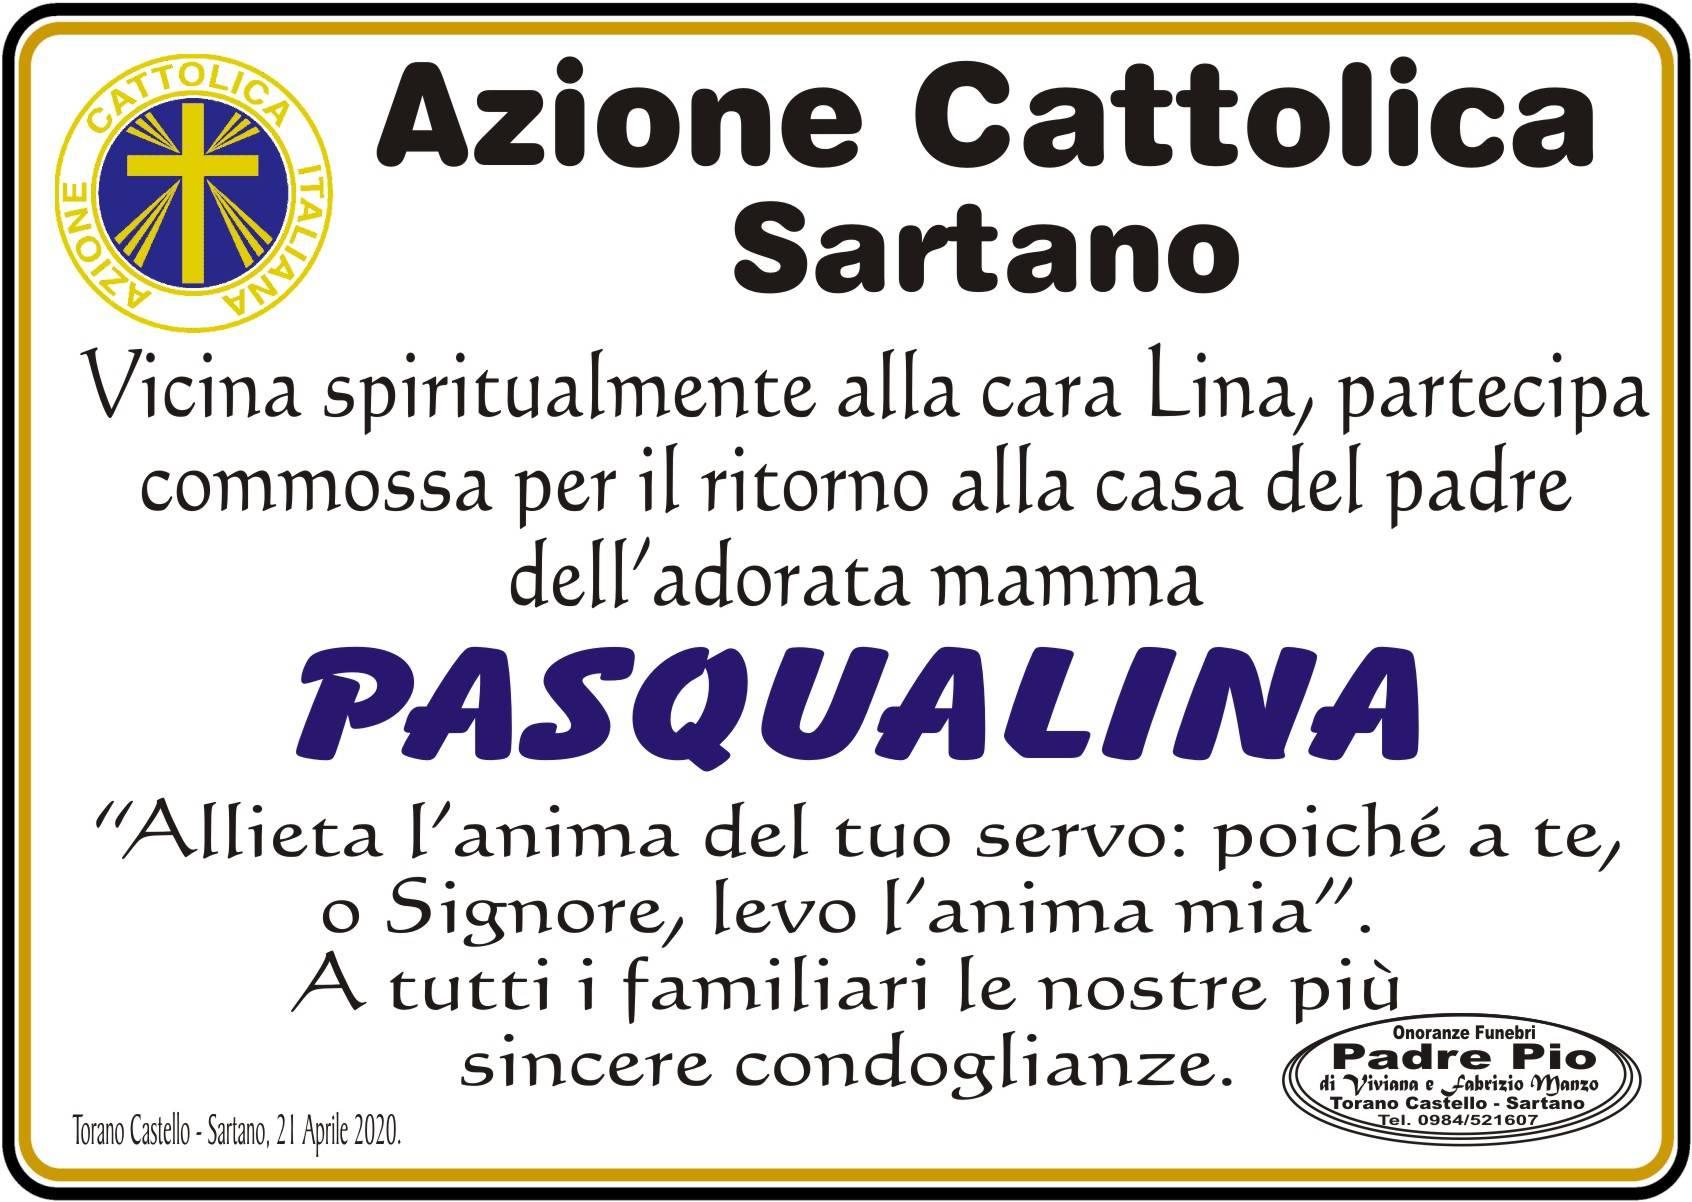 Azione Cattolica Sartano